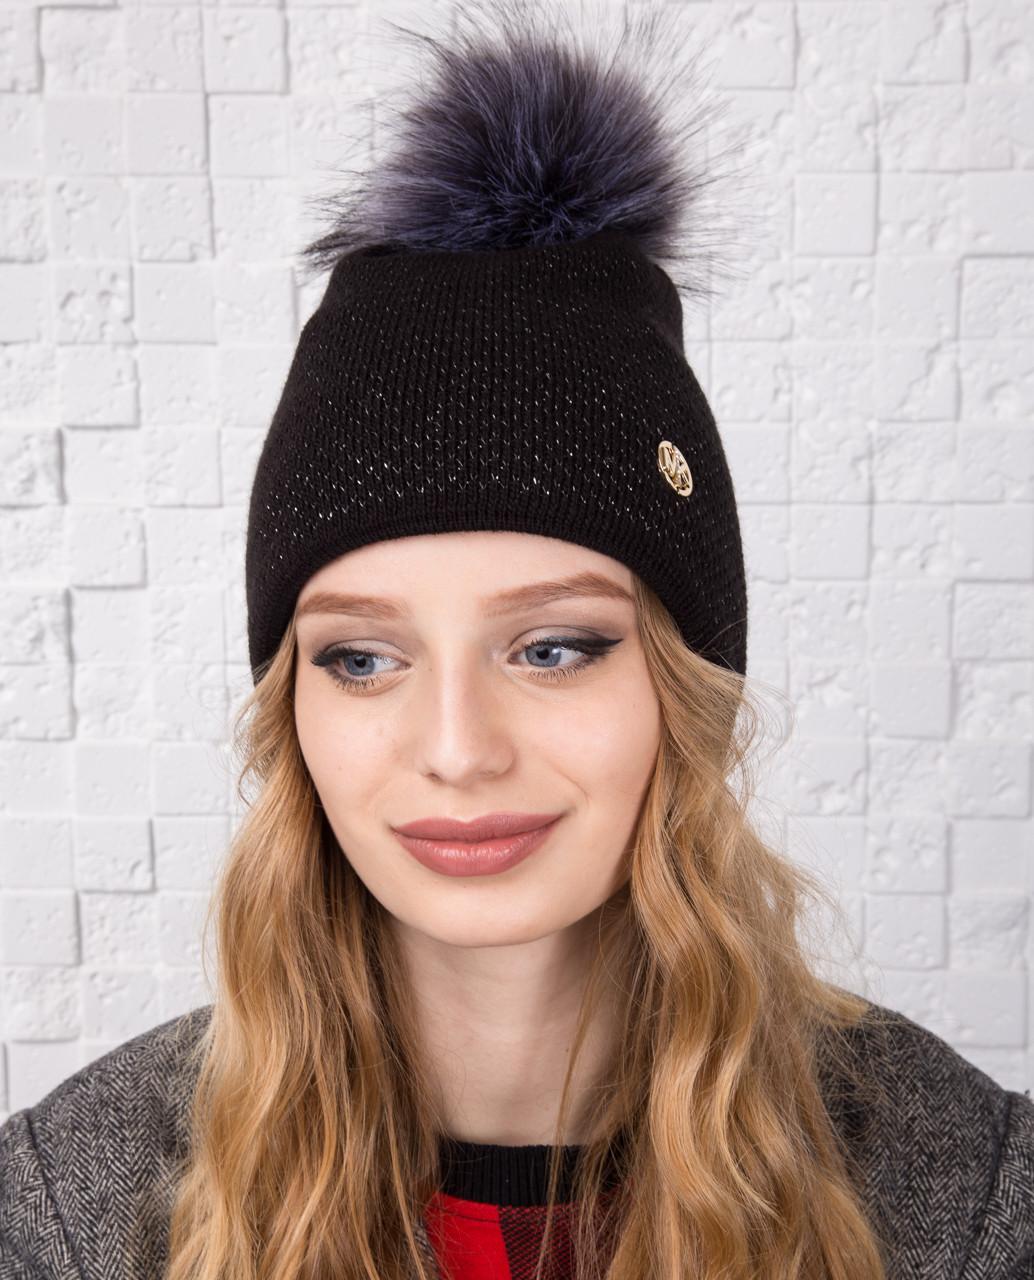 Зимняя вязанная шапка для женщин с меховым помпоном - Артикул 2144